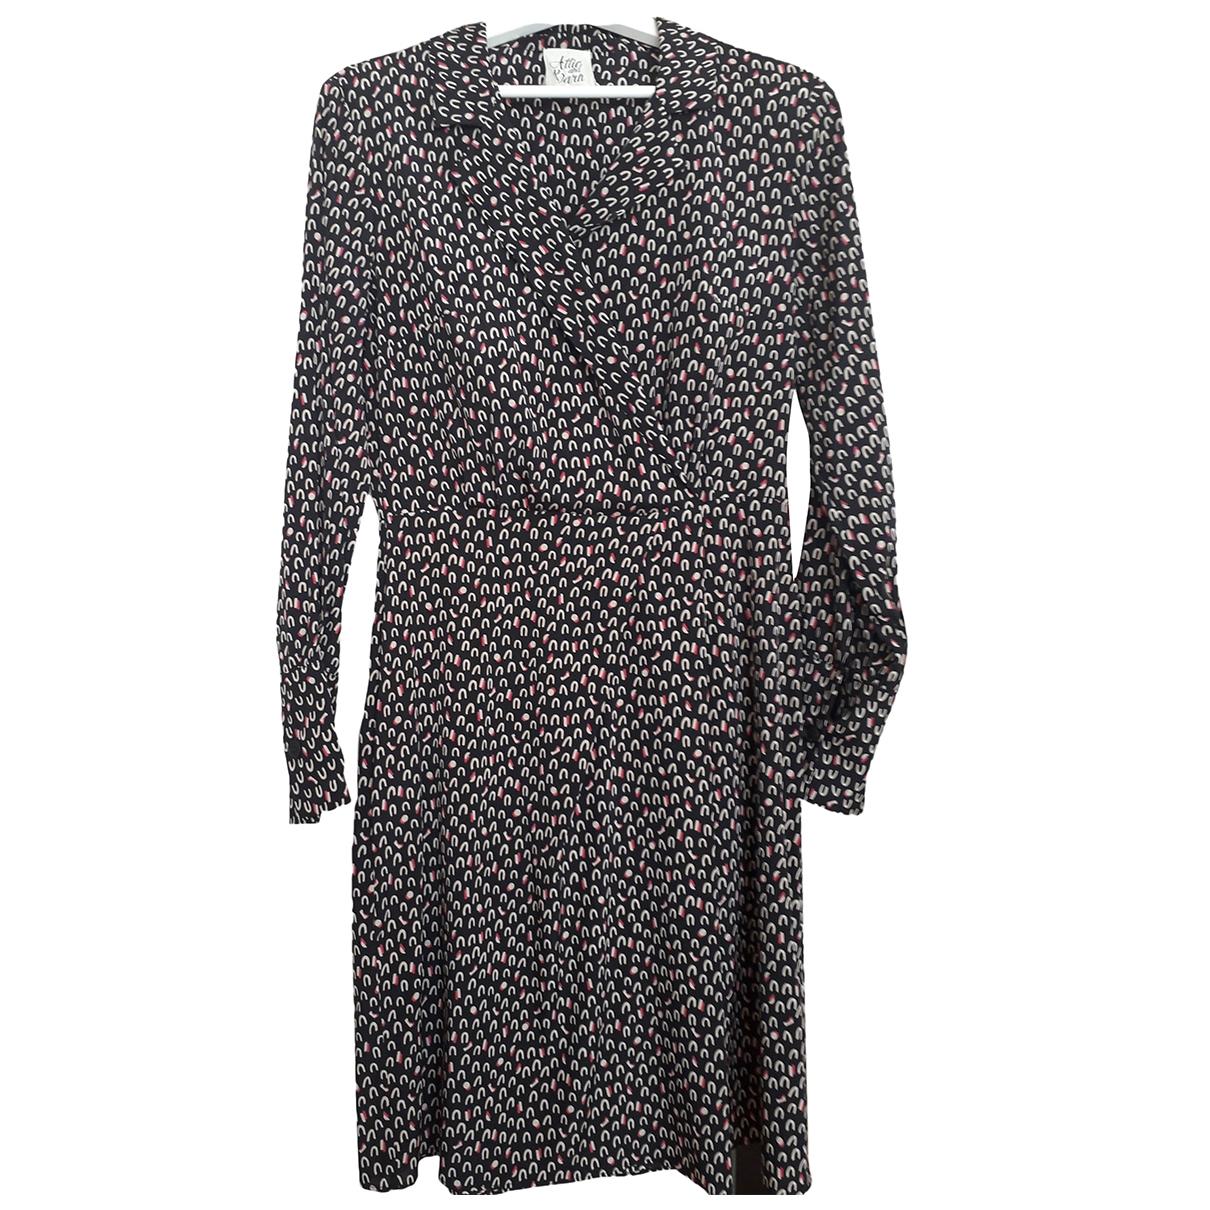 Attic And Barn - Robe   pour femme en soie - noir